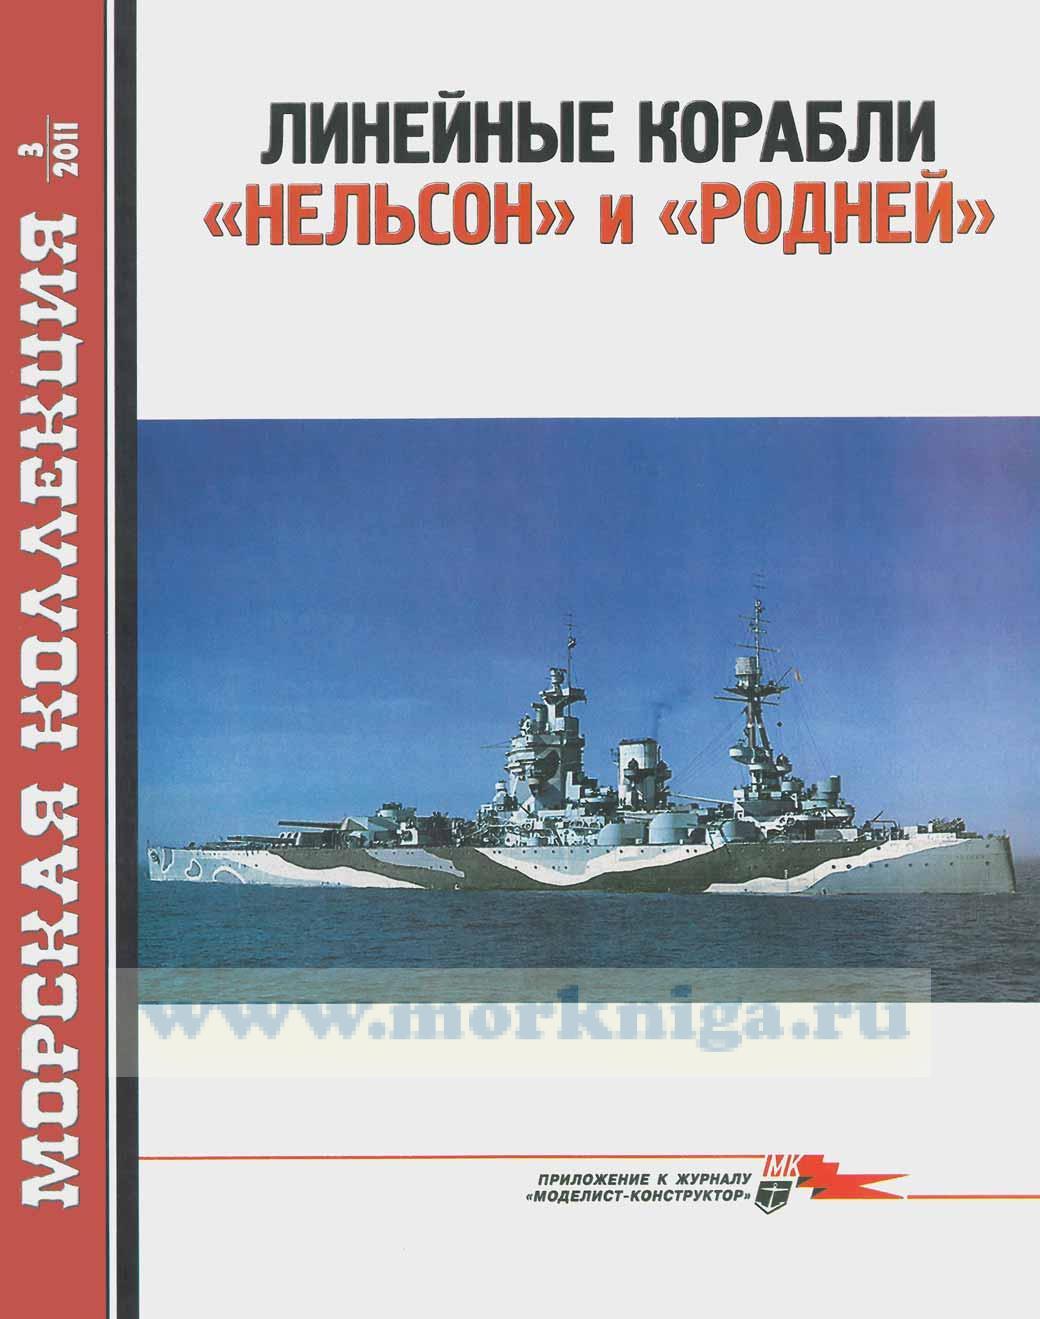 """Линейные корабли """"Нельсон"""" и """"Родней"""". Морская коллекция №3 (2011)"""